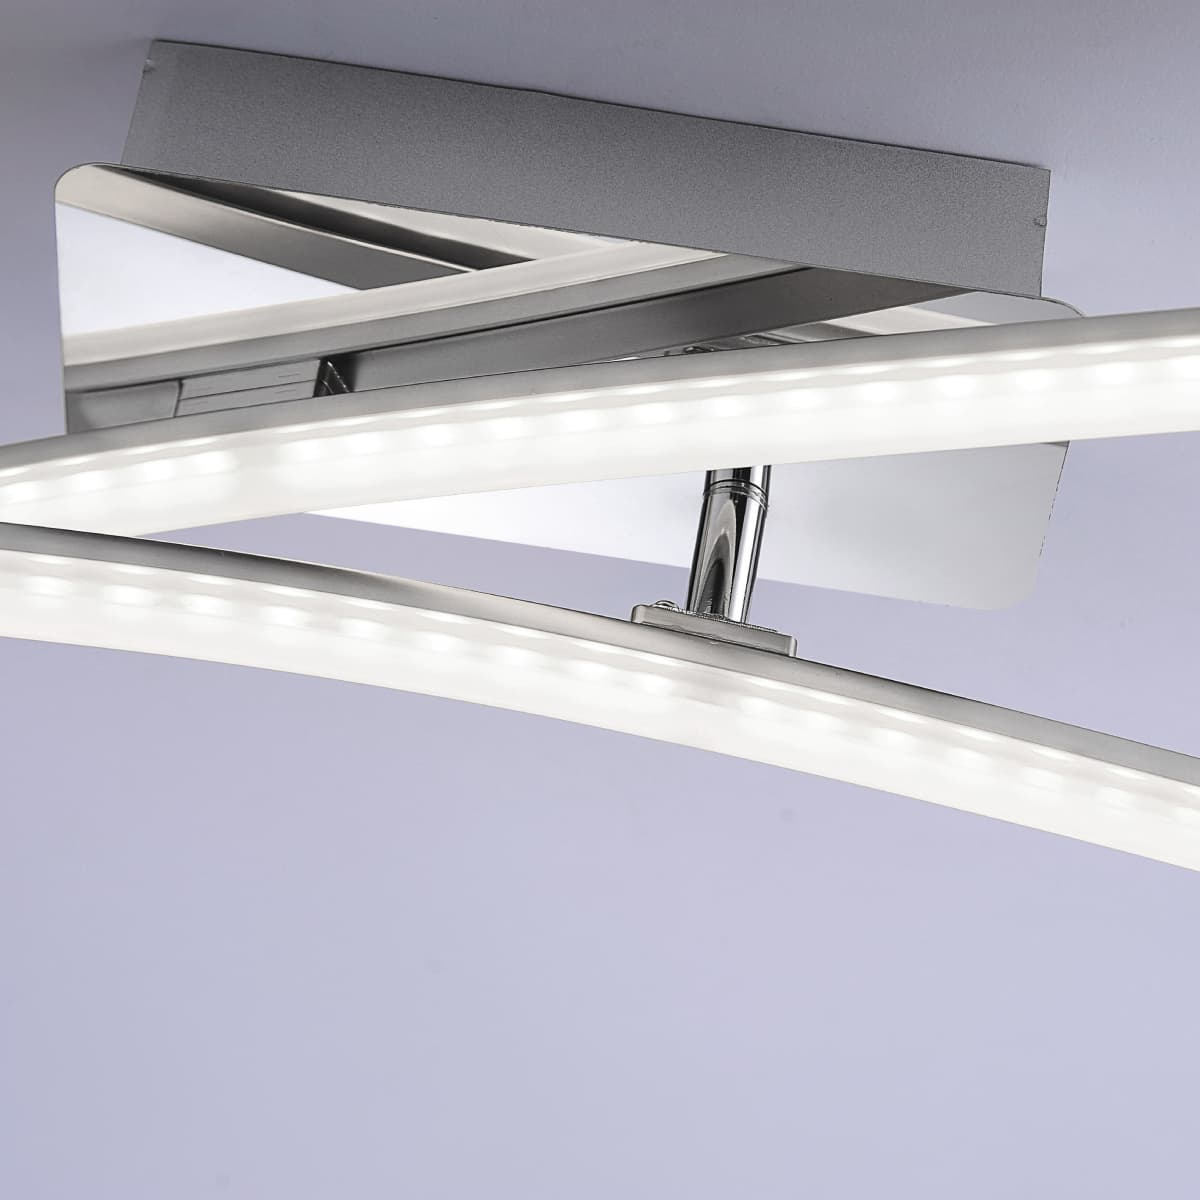 LED Deckenleuchte in stahlfarben inkl. zwei verstellbaren Lichtstäben